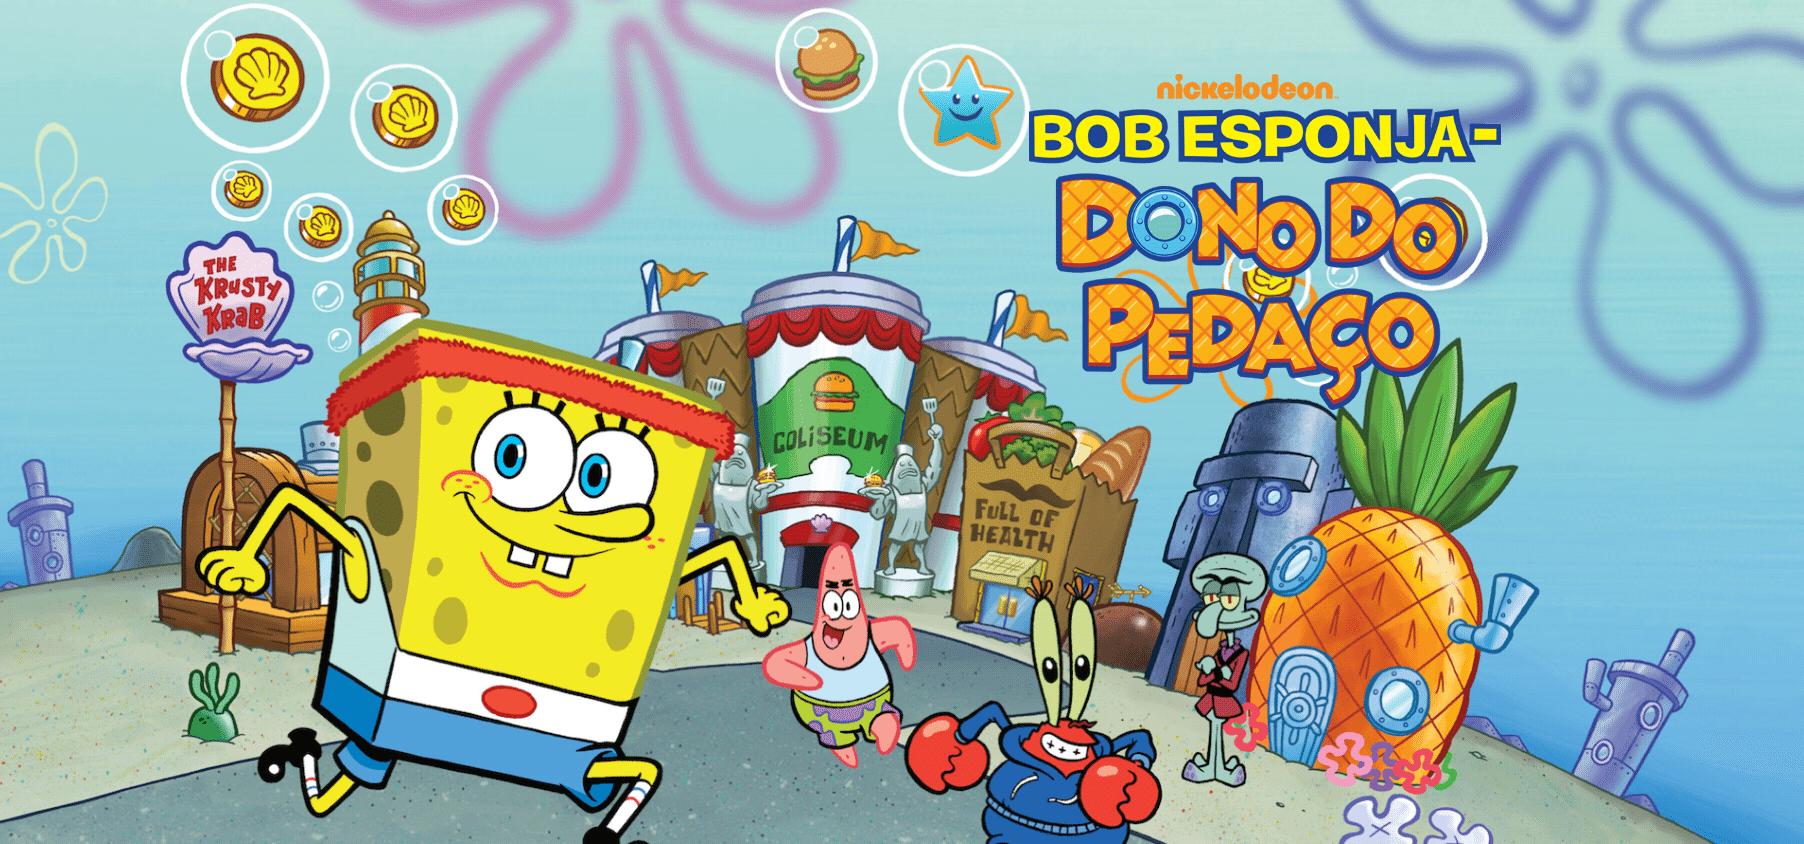 Seja o Dono do Pedaço com a esponja mais famosa da tv, o Bob Esponja.